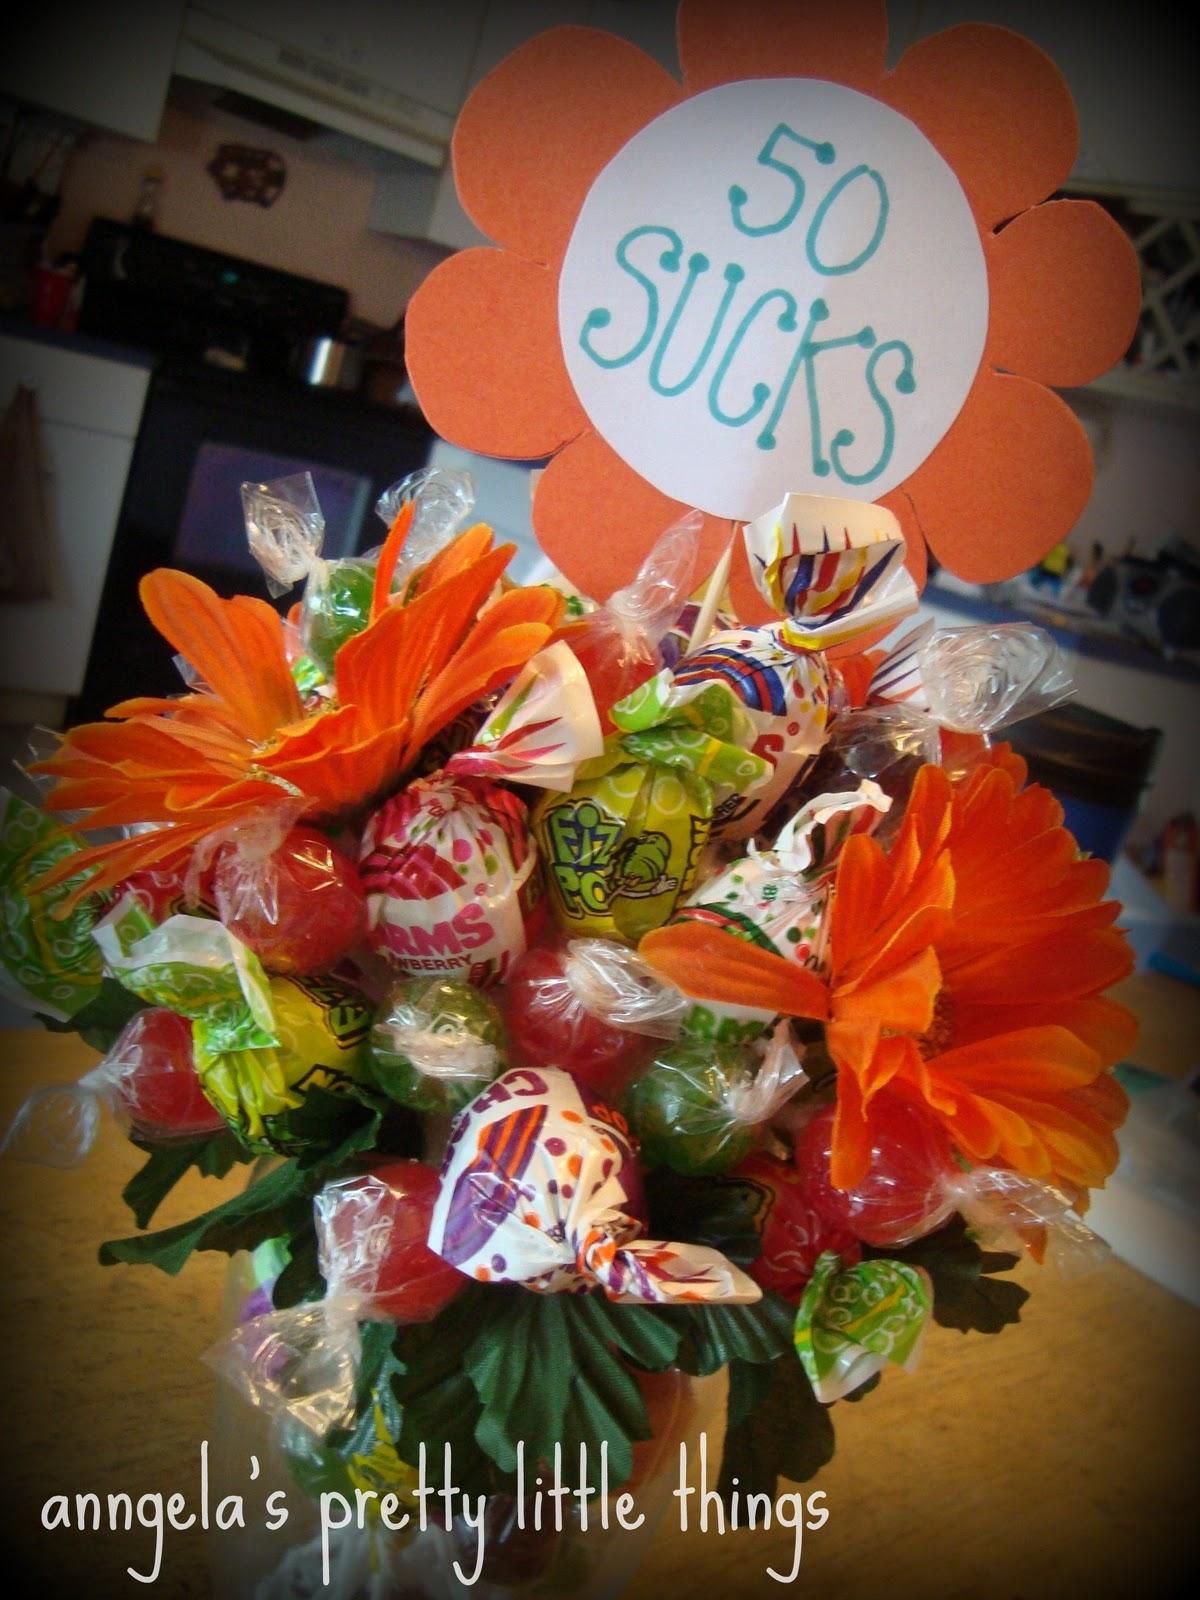 Anngelas Pretty Little Things 50 Sucks Bouquet Gift Tutorial